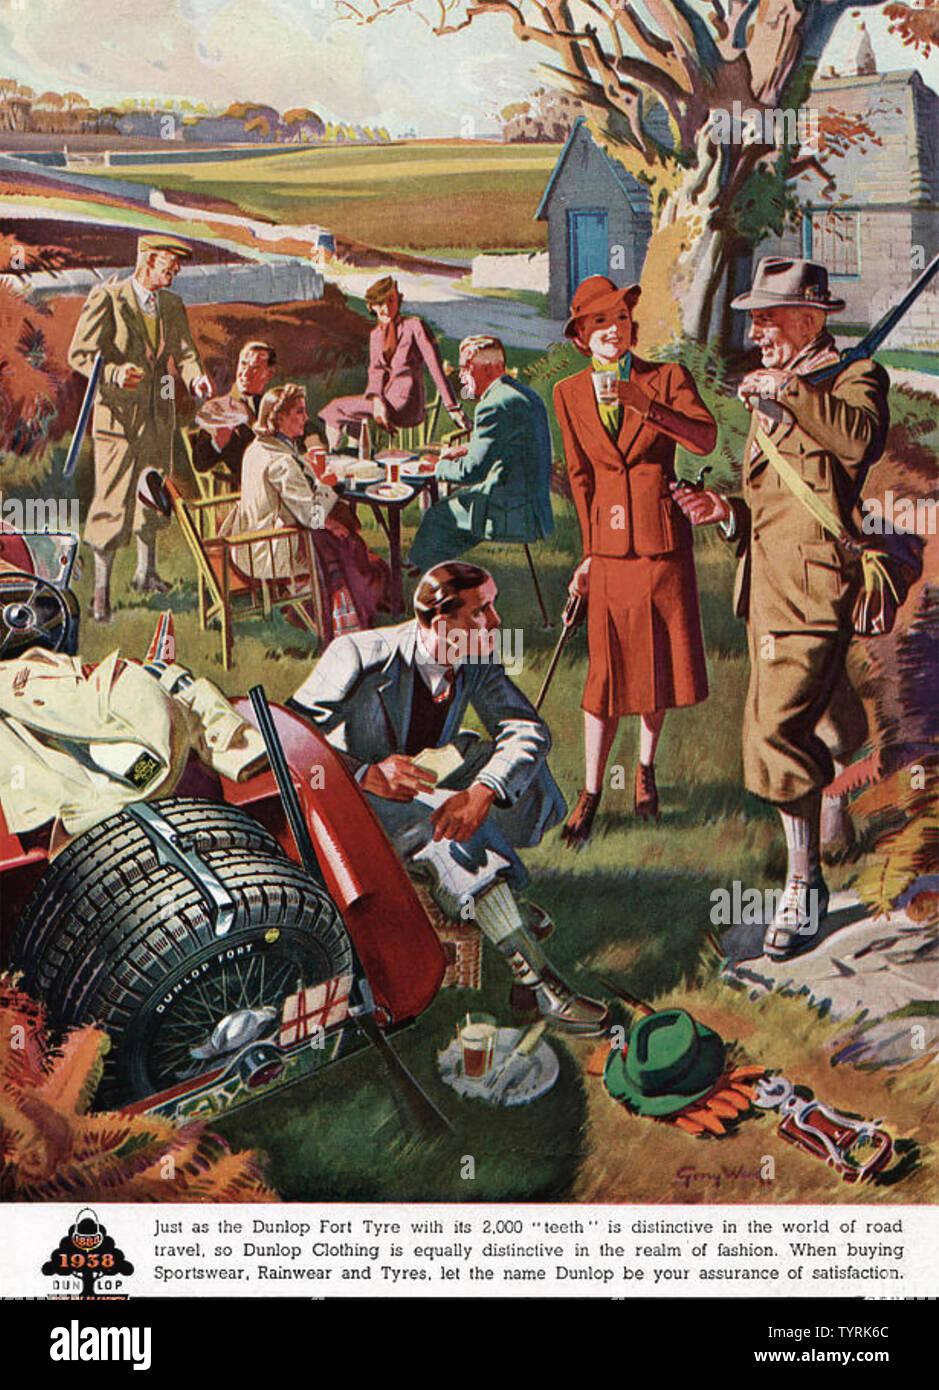 DUNLOP SPORT ANZEIGE 1938 Stockbild